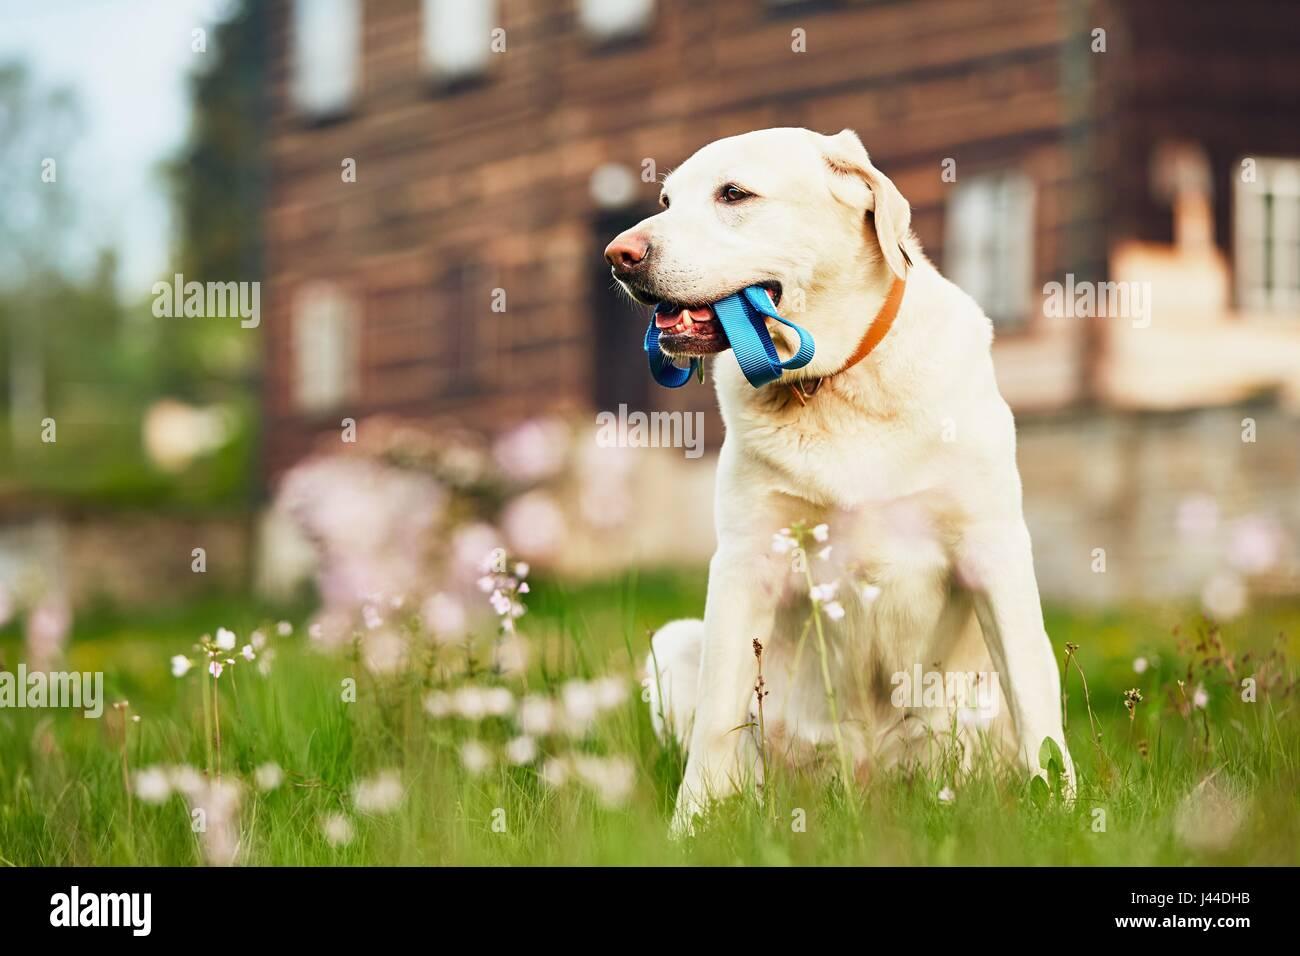 Niedlichen Hund (Labrador Retriever) mit Leine wartet Spaziergang vor dem Haus. Stockbild